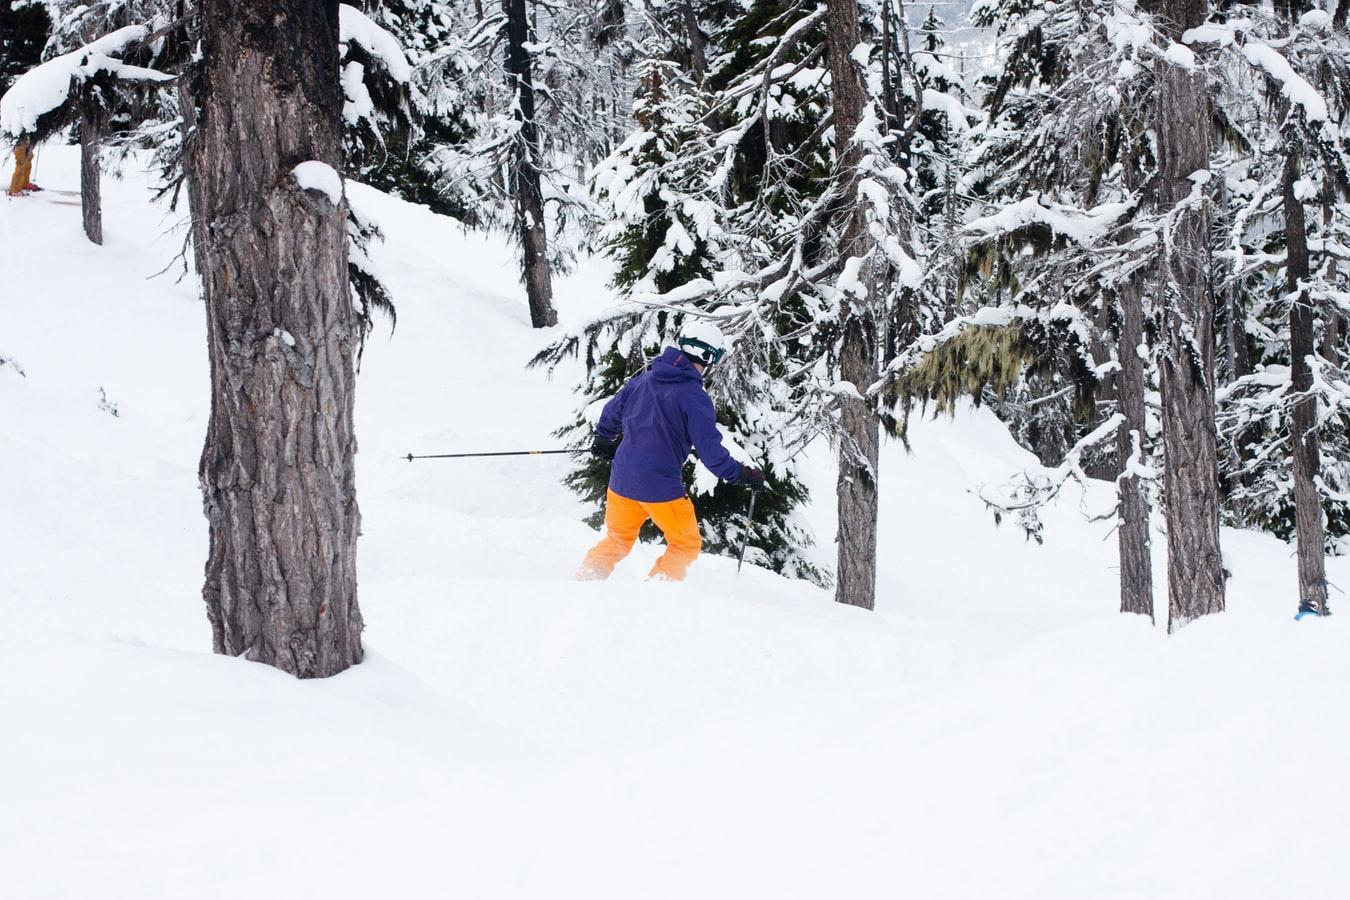 skier forest